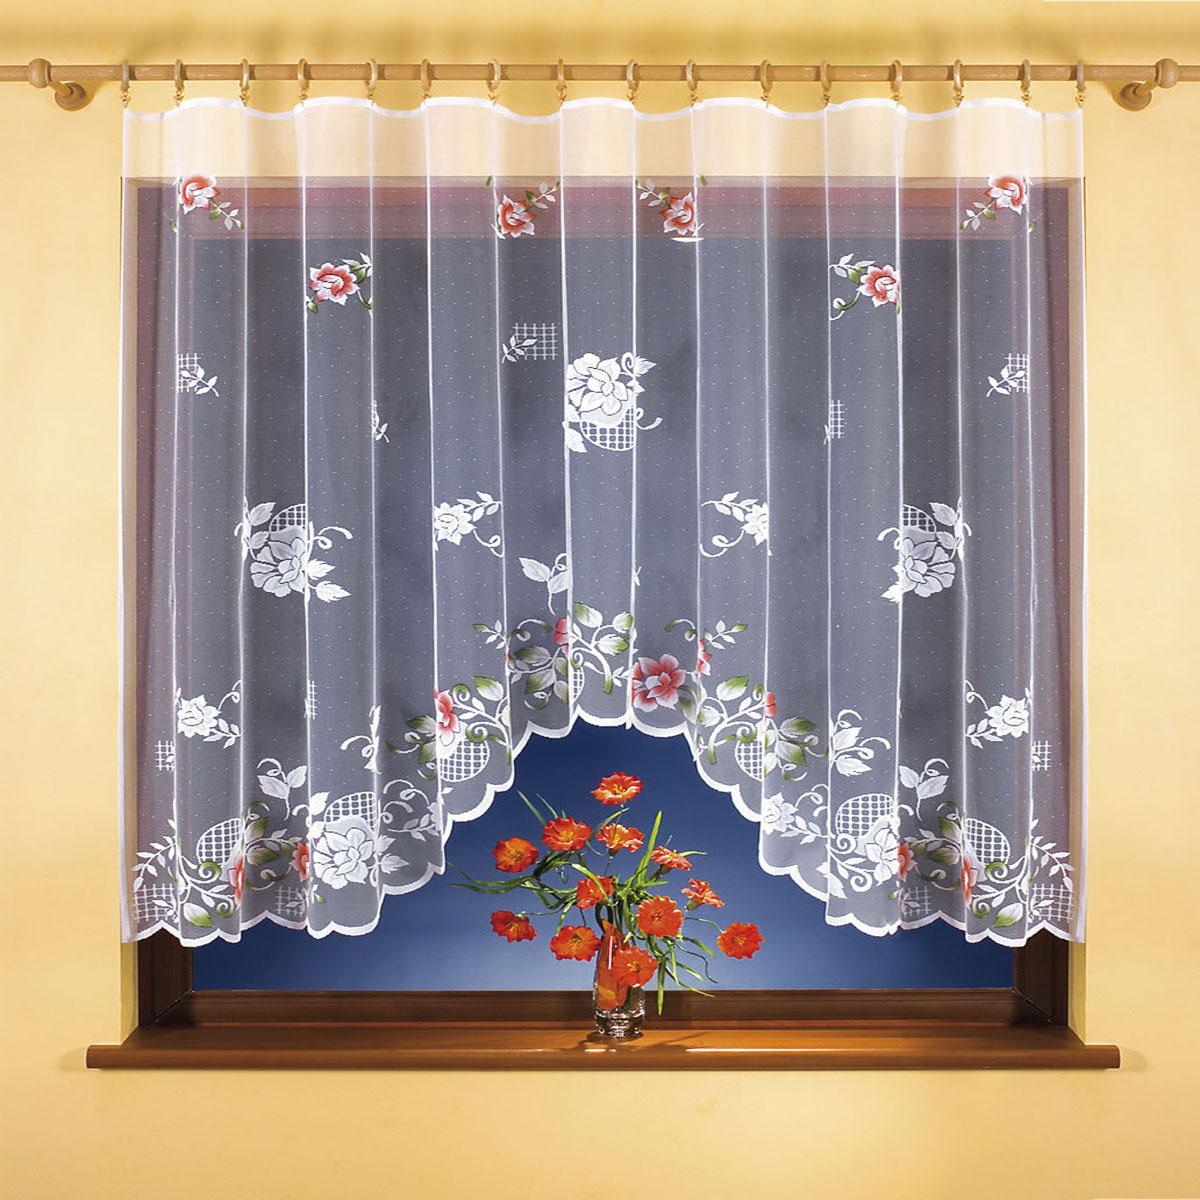 Гардина Wisan, цвет: белый, ширина 300 см, высота 150 см. 9840-1SVC-300вид крепления - под зажимы для шторРазмеры: ширина 300*высота 150